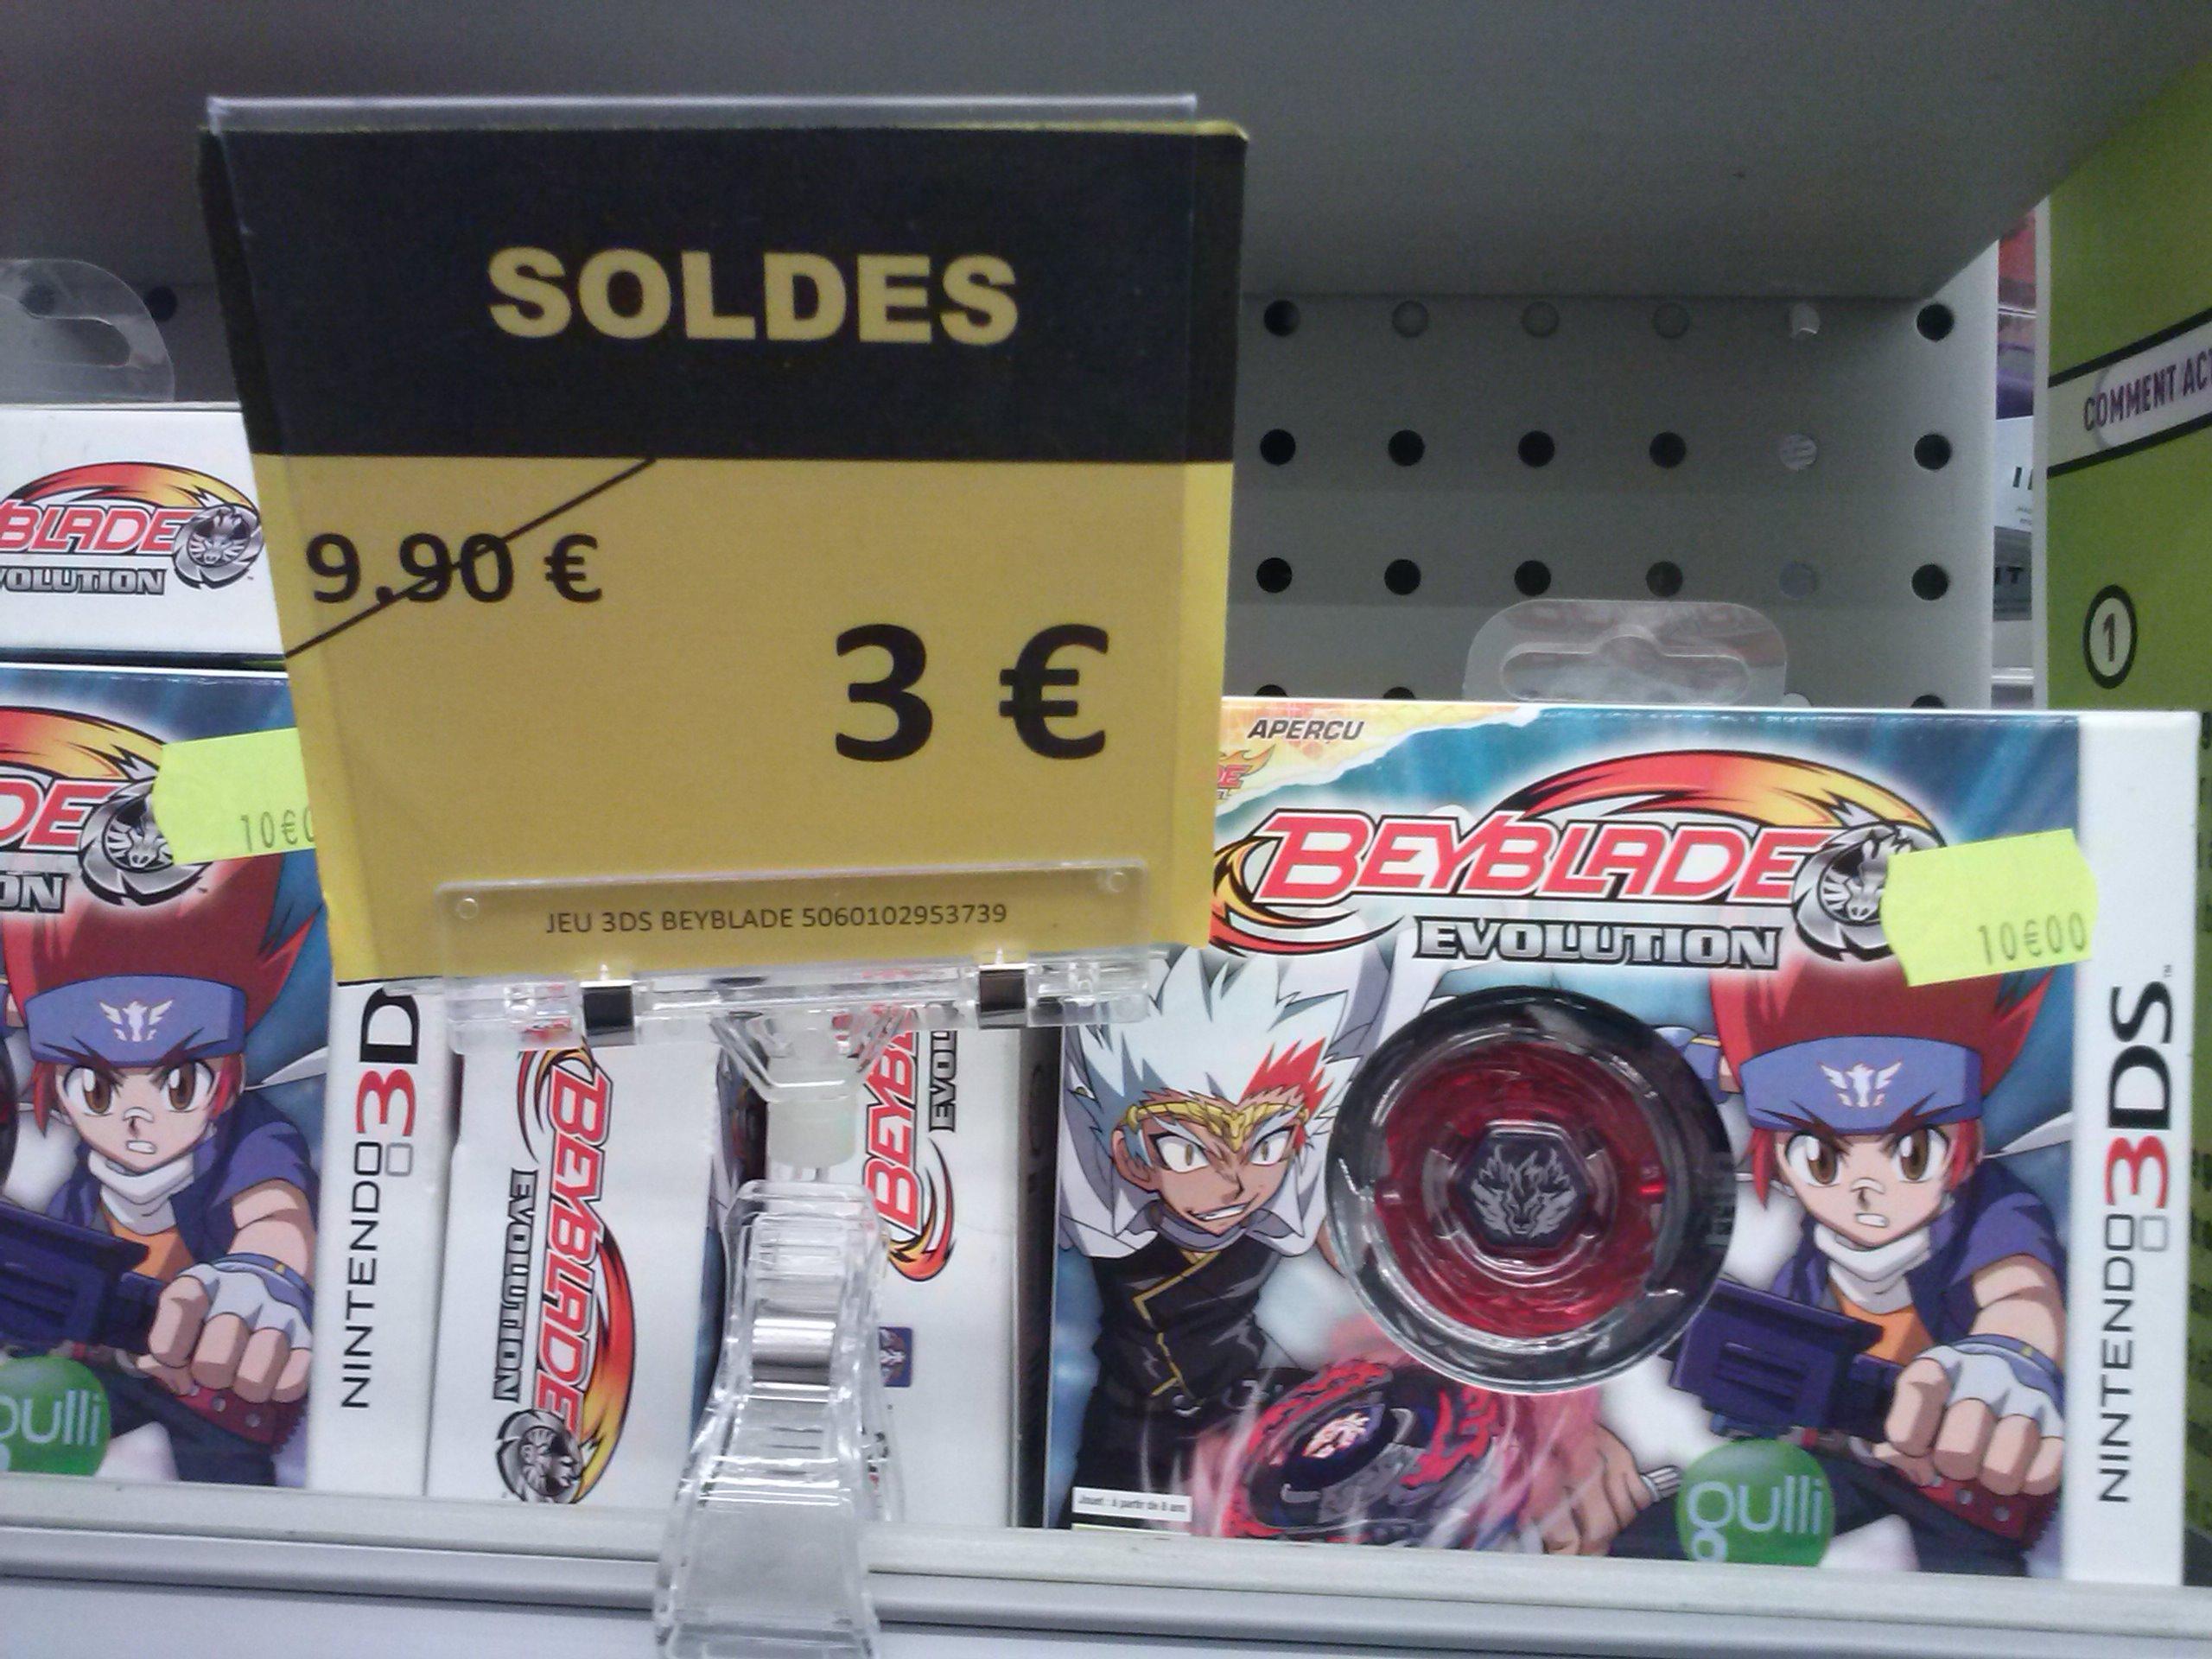 Jeu Nintendo 3DS Beyblade Evolution avec Toupie